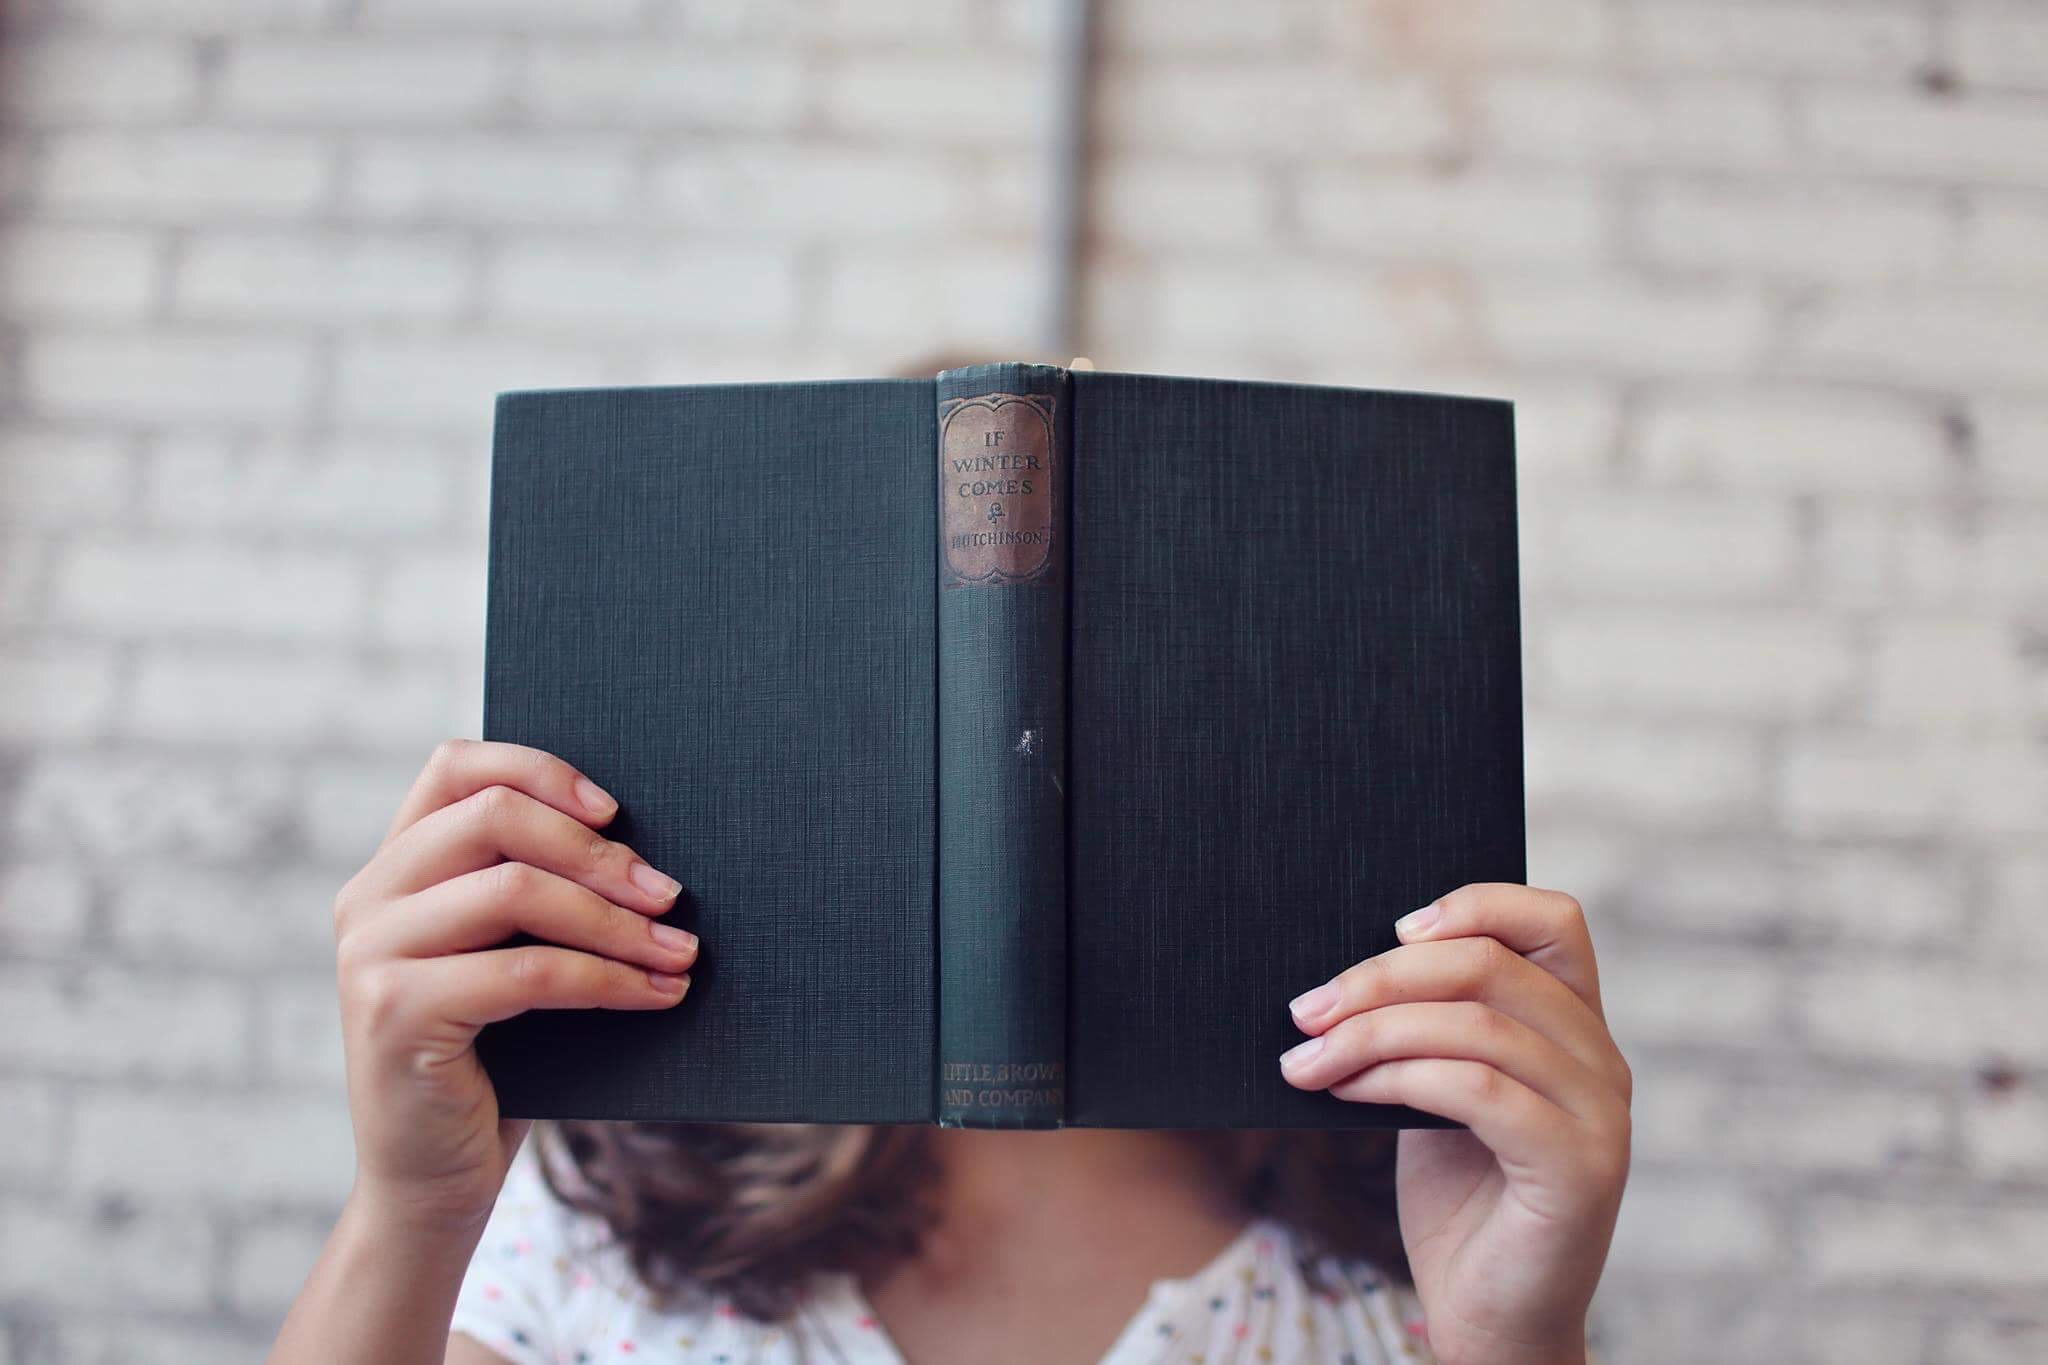 blur-book-girl-373465.jpg